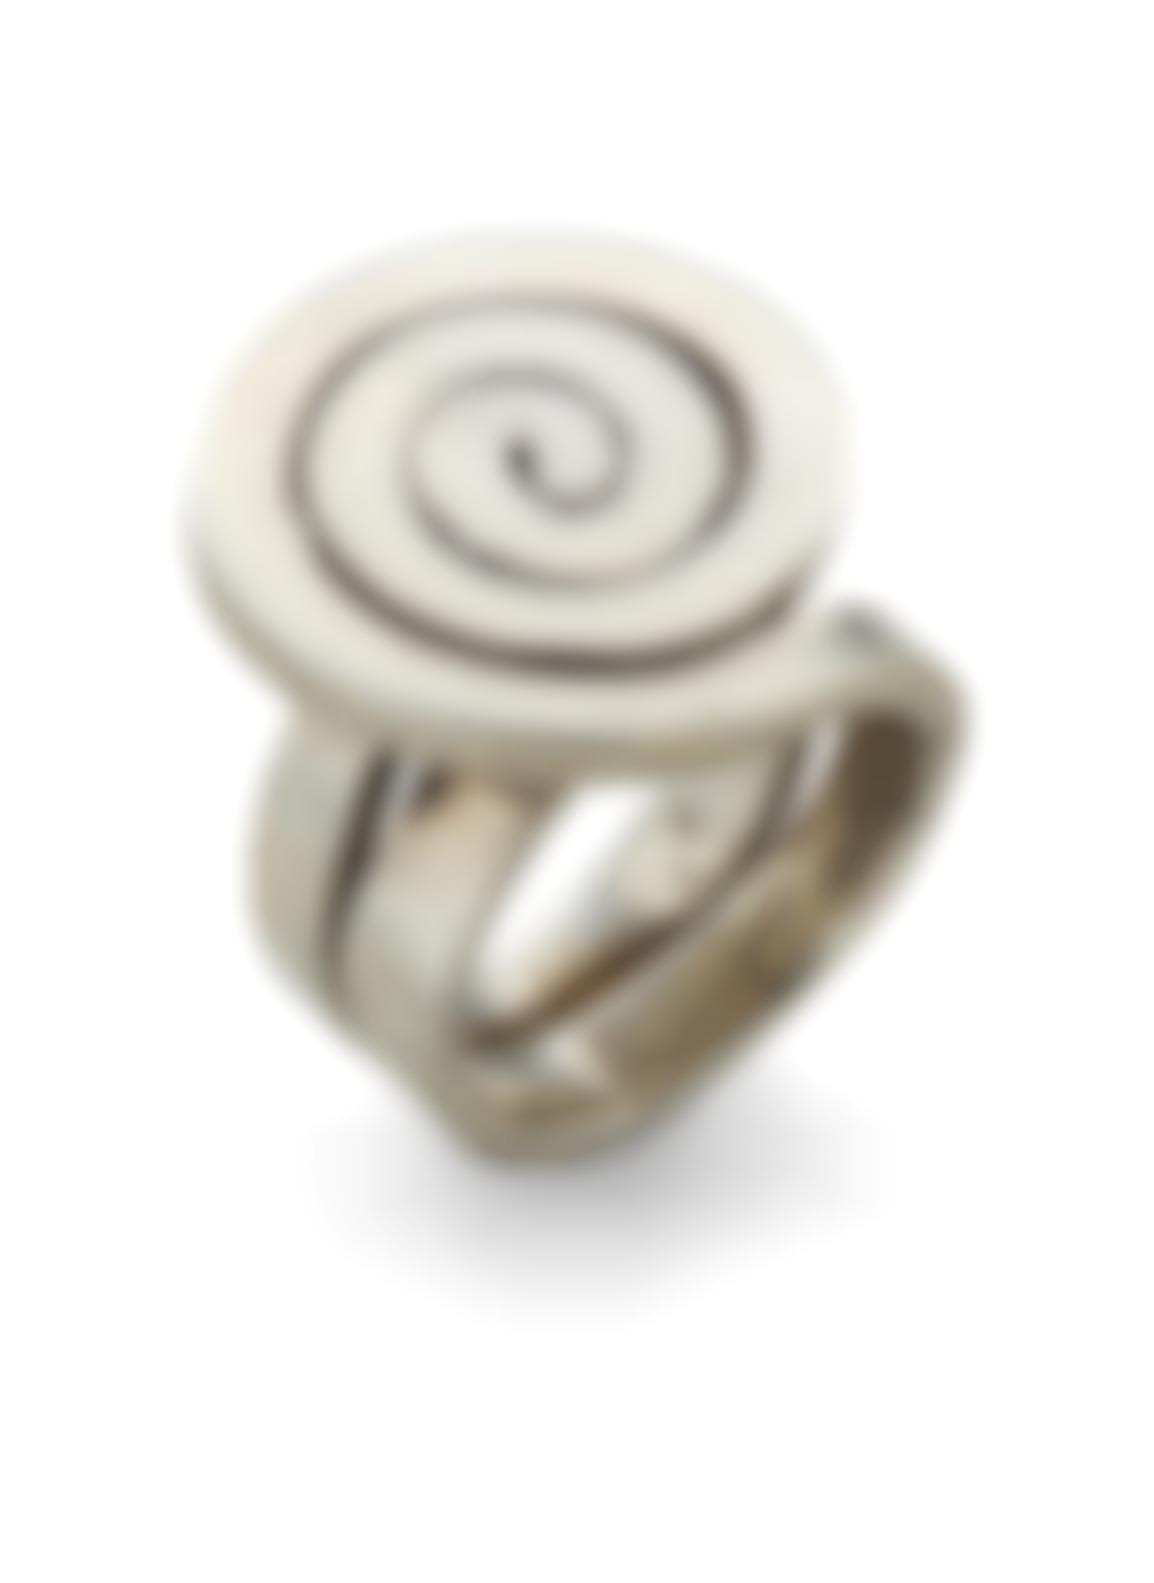 Alexander Calder-Ring-1960